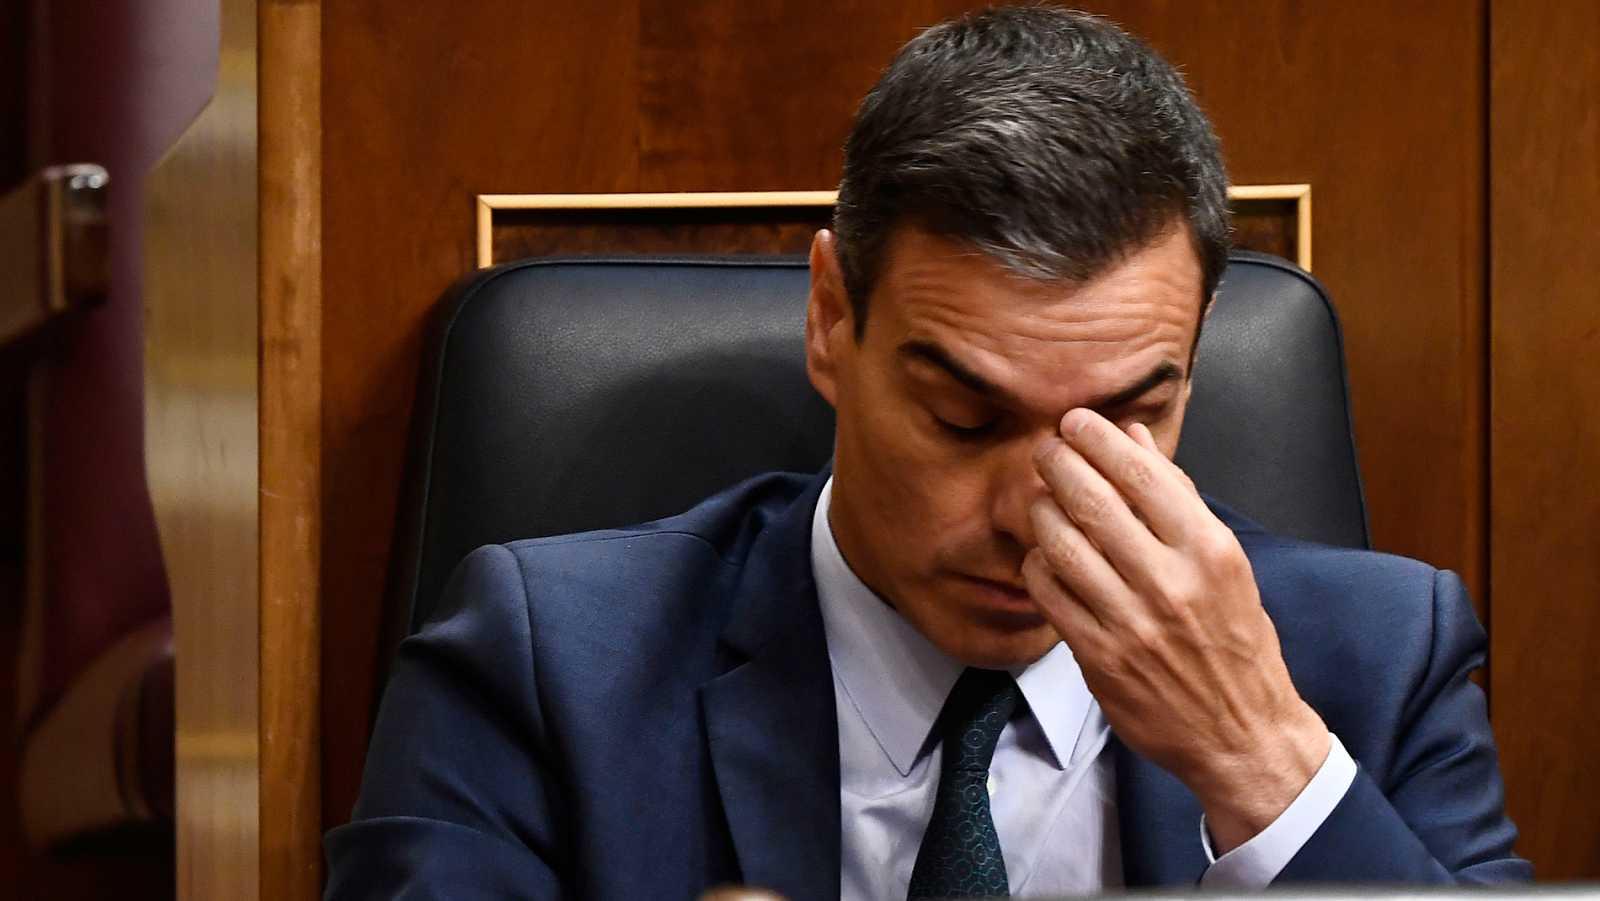 Fracasa la investidura de Pedro Sánchez con la abstención de los diputados de Podemos